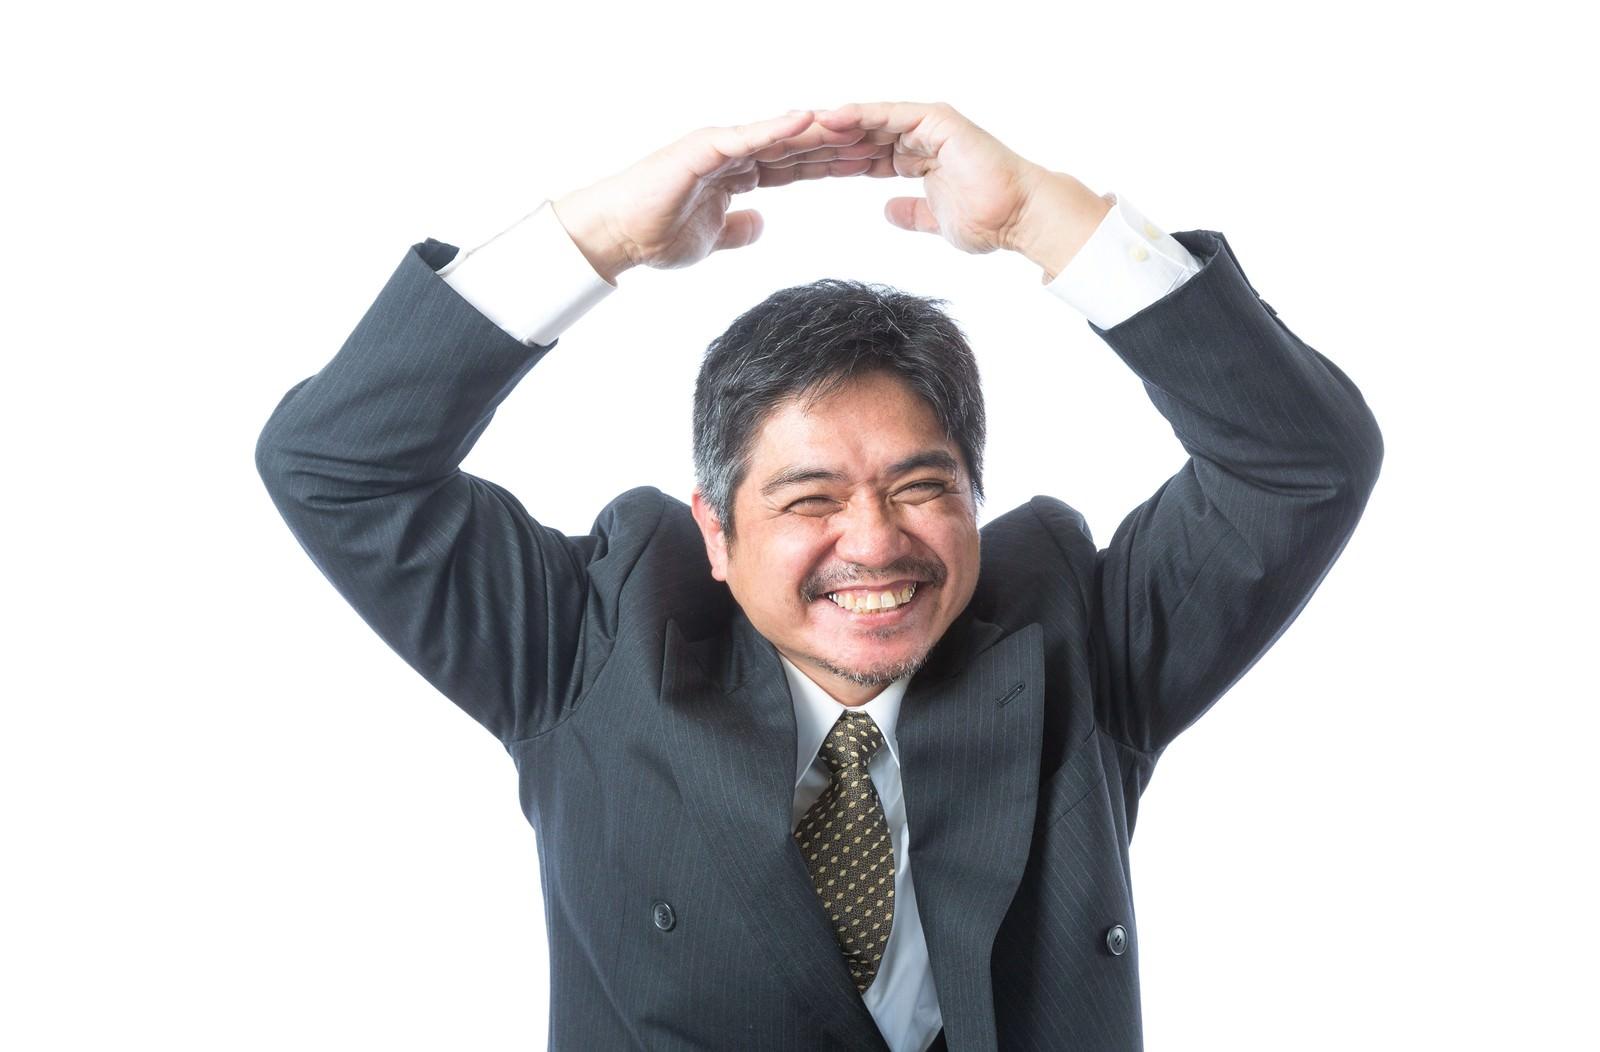 「「例のプレゼン採用されました!」とOKマークを出す部長「例のプレゼン採用されました!」とOKマークを出す部長」[モデル:よたか]のフリー写真素材を拡大